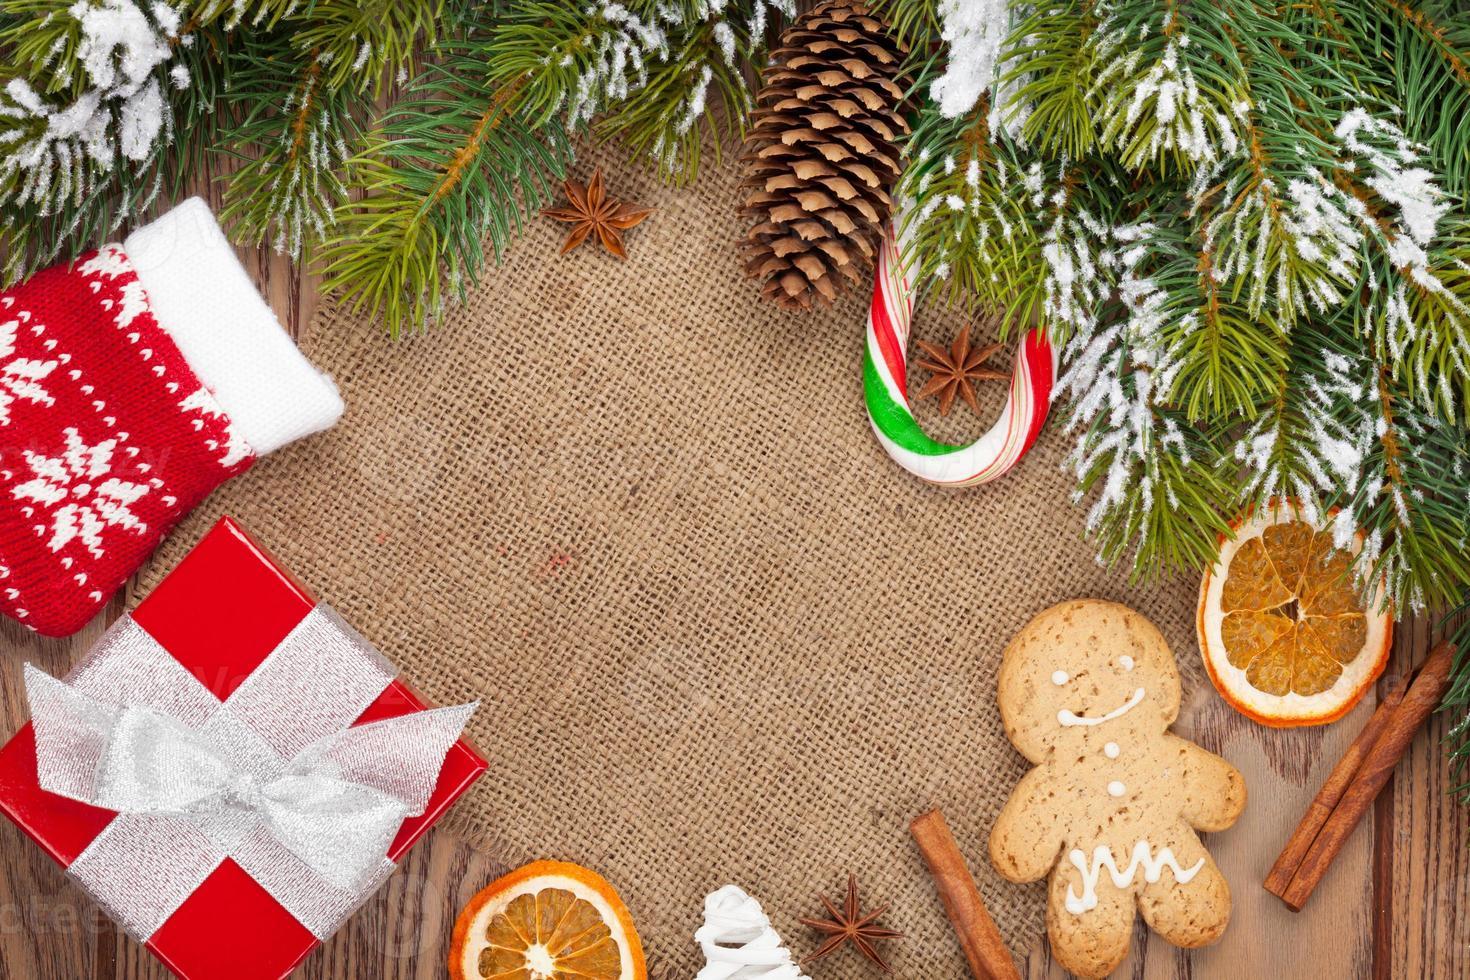 cibo natalizio, decorazioni e confezione regalo con abete della neve foto